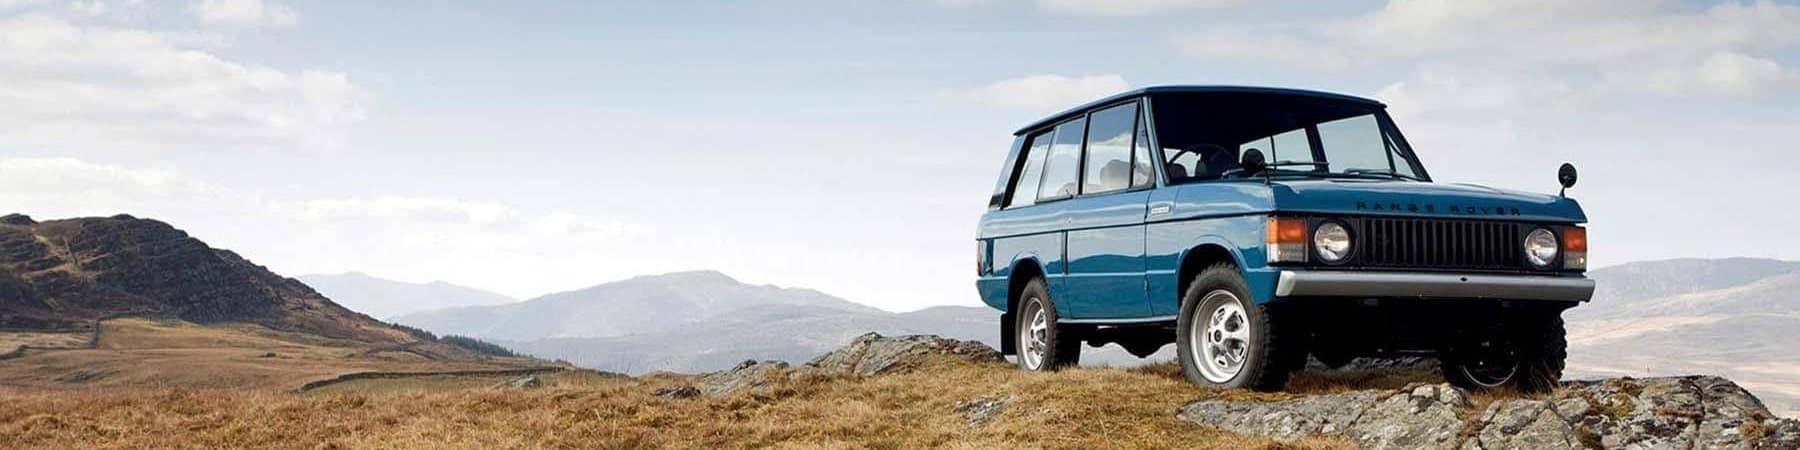 Range Rover History